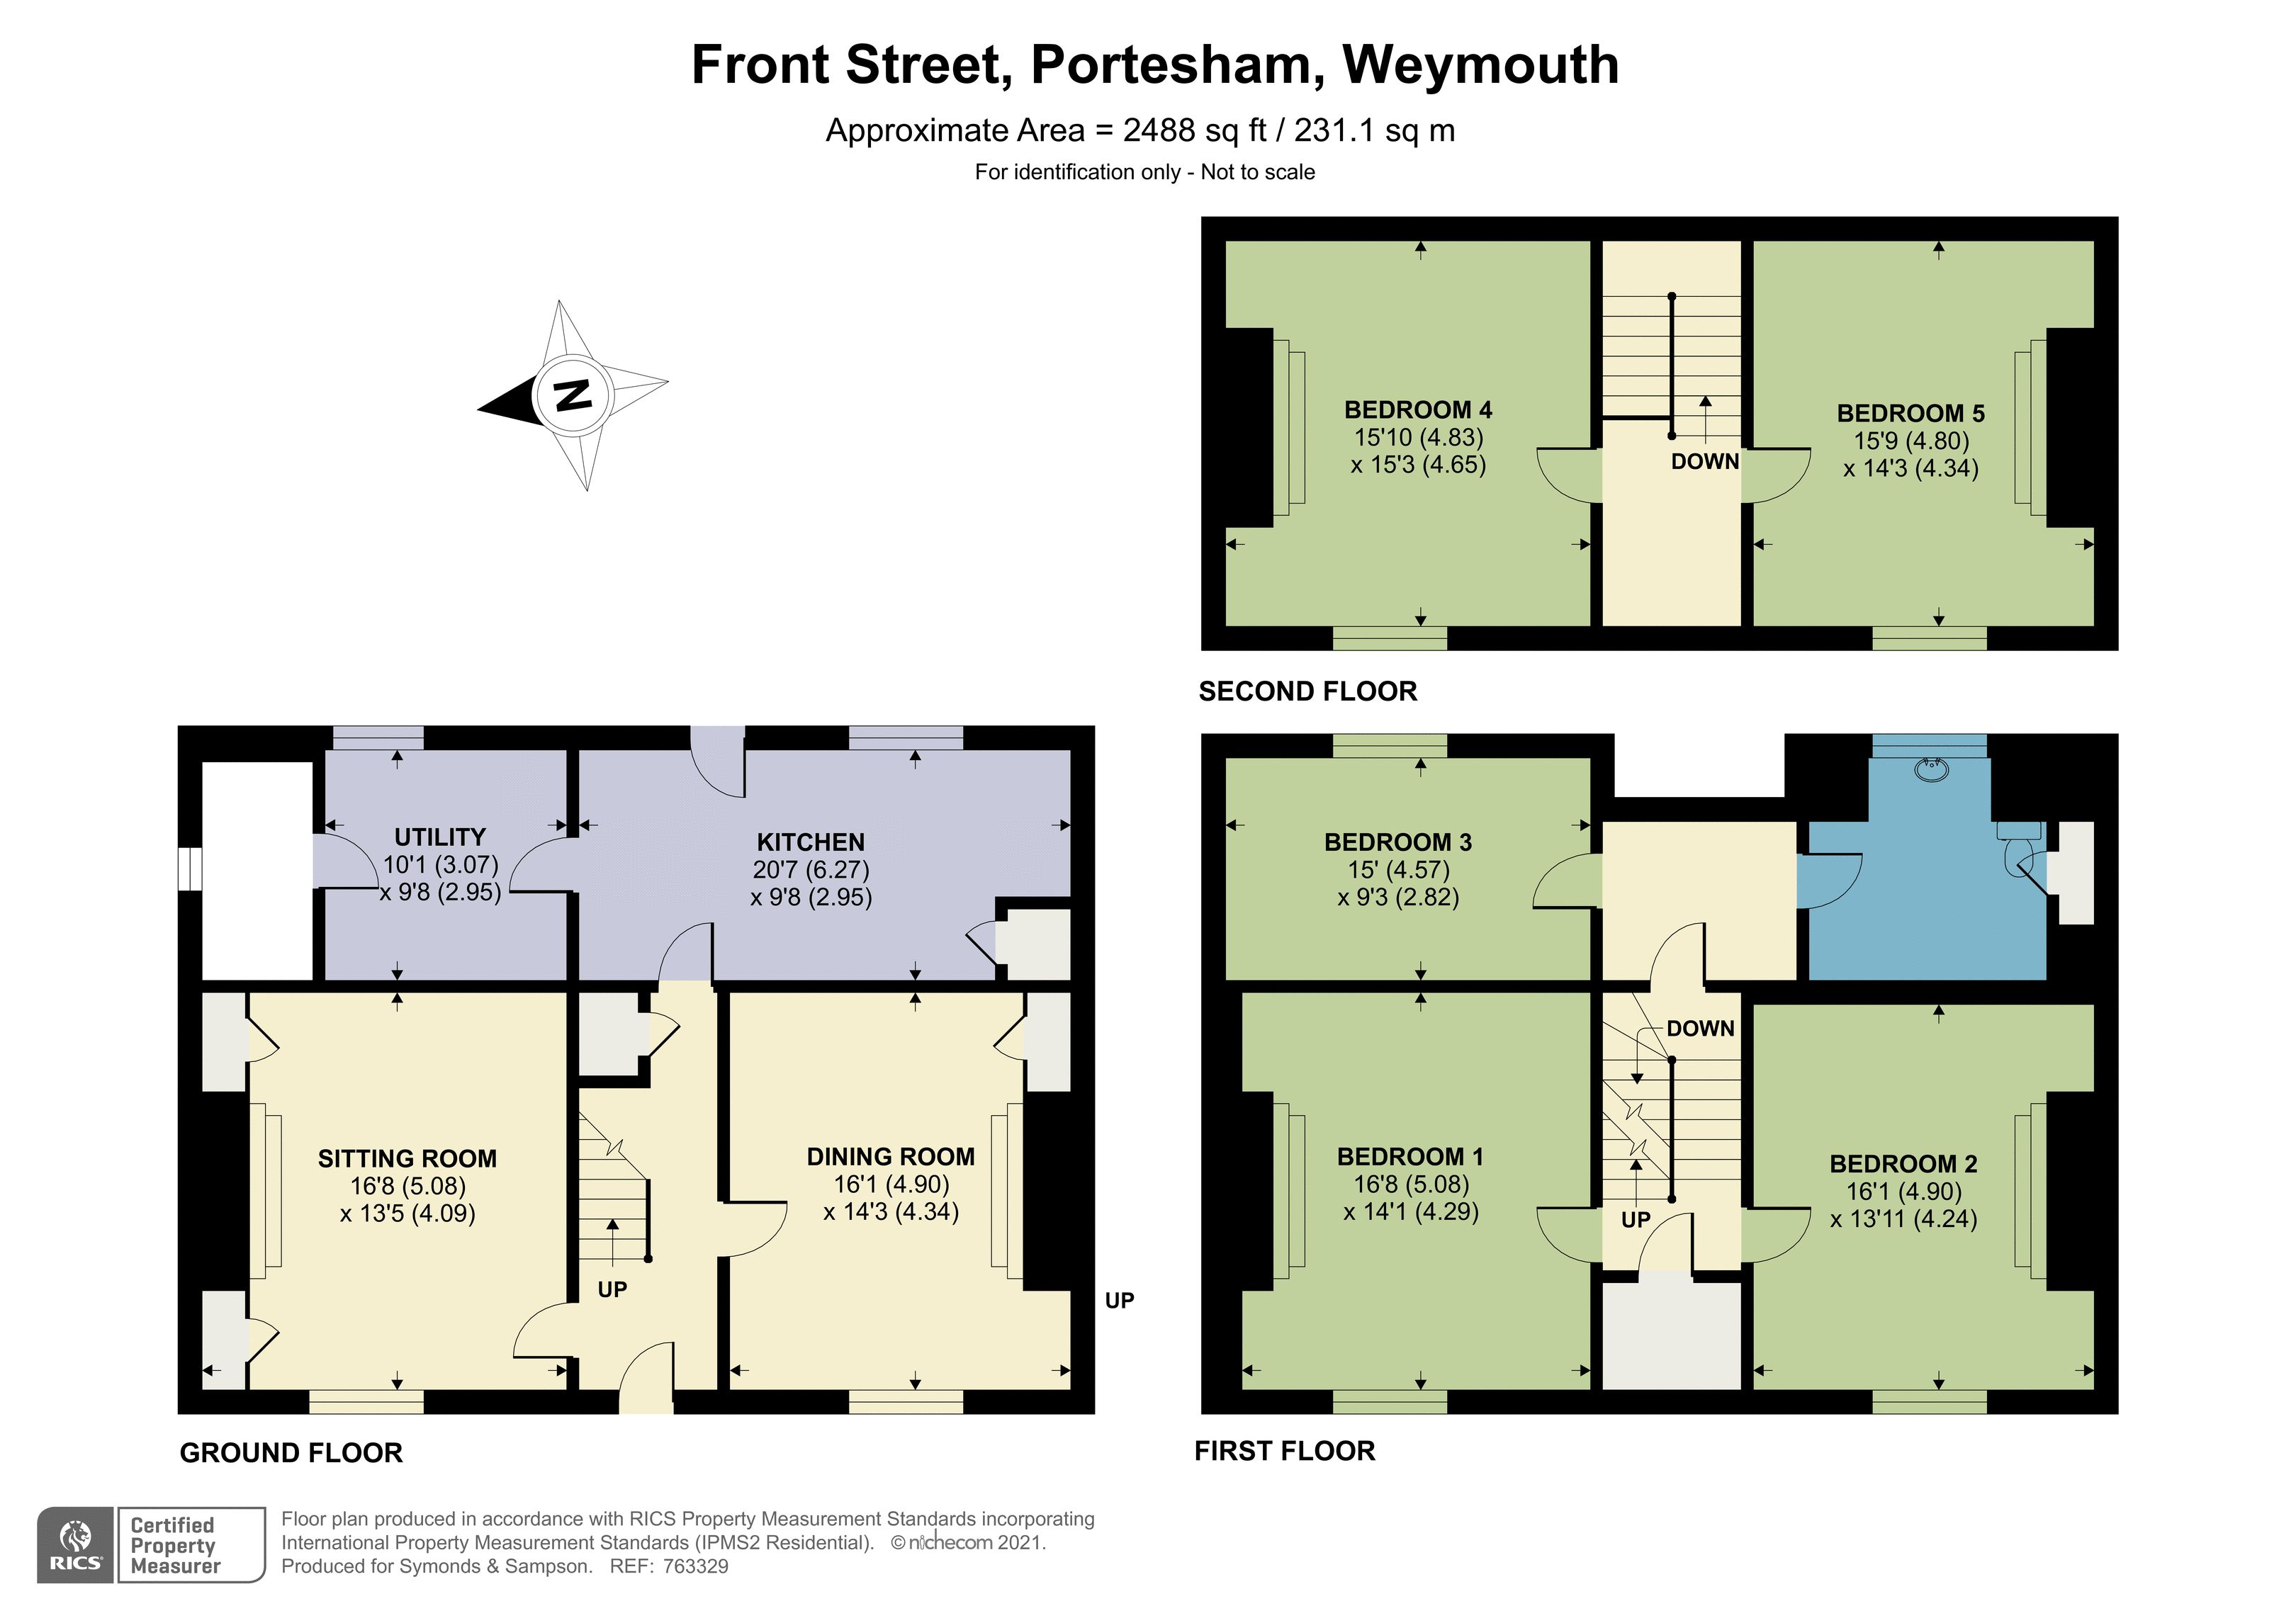 Floorplan - Front Street, Portesham, Weymouth, Dorset, DT3 4ET